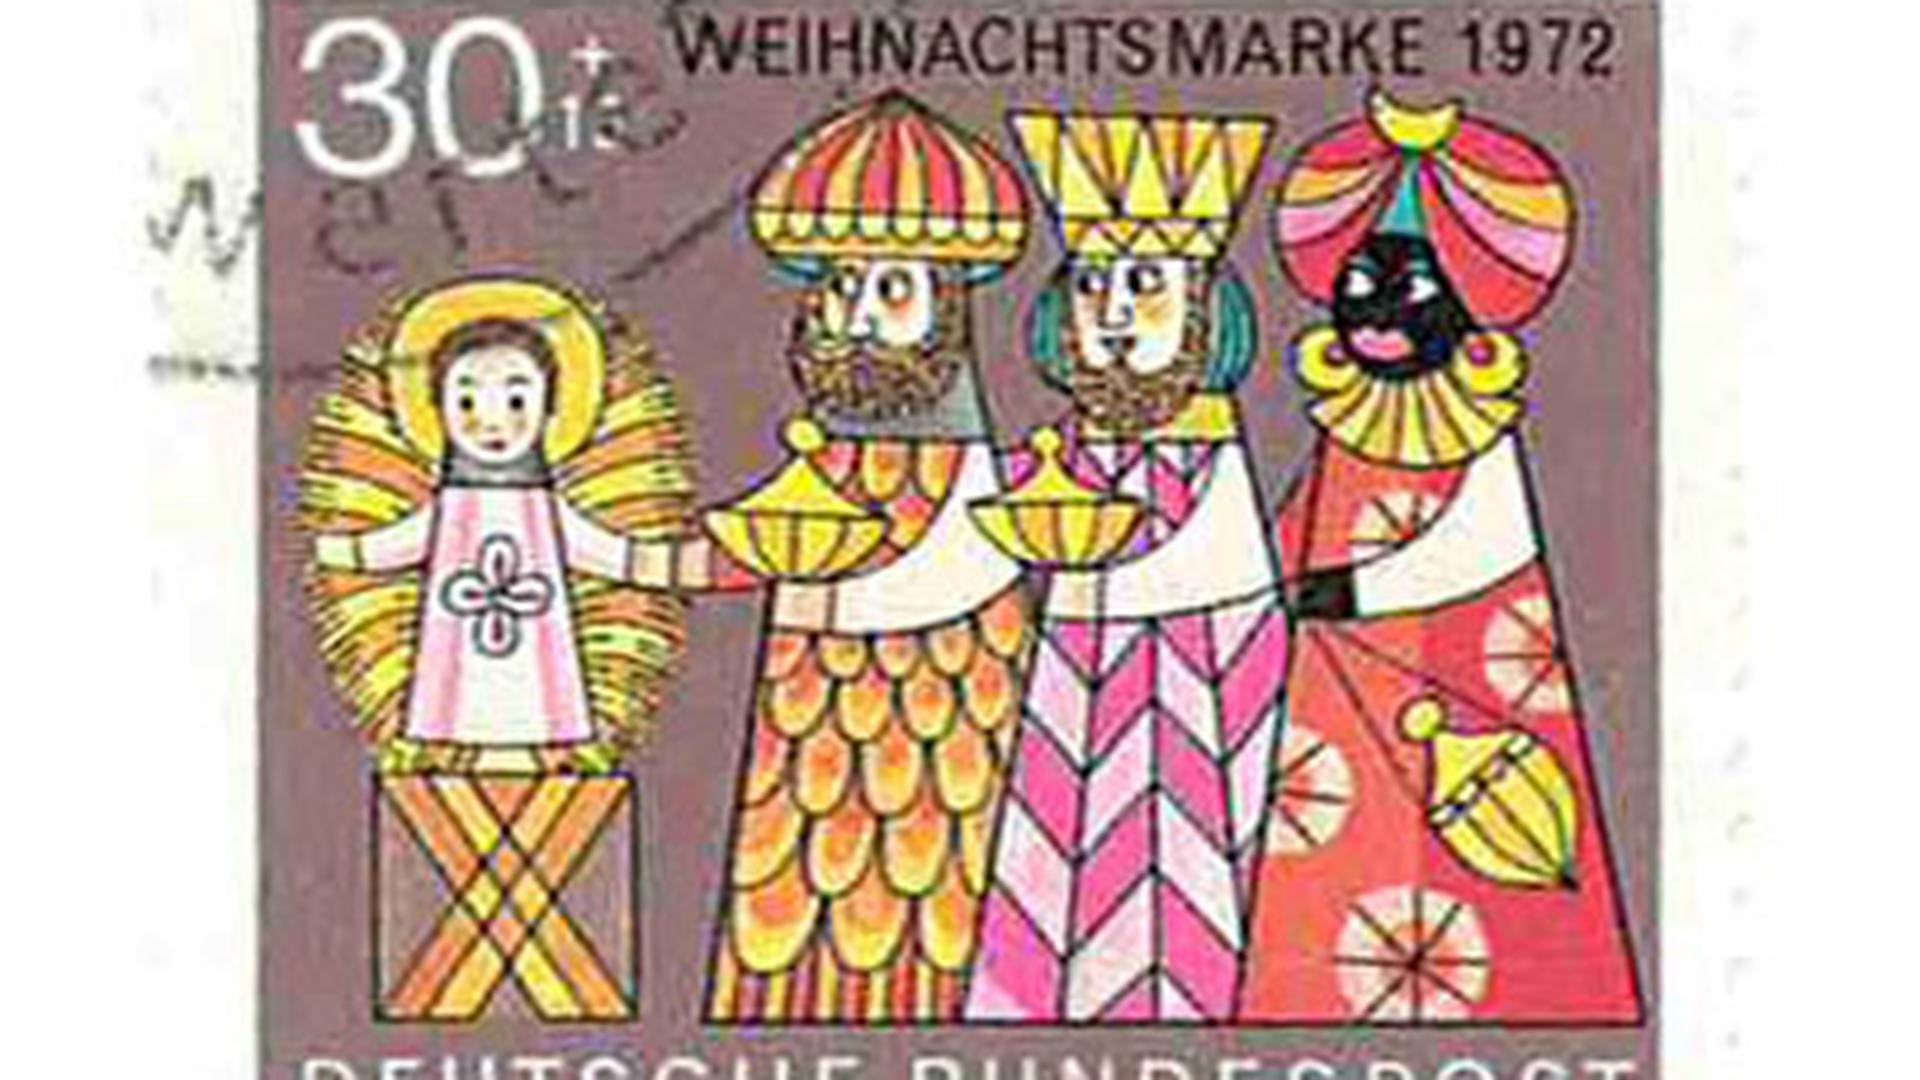 Weihnachtssonderbriefmarke von 1972 mit den drei Weisen und dem Jesuskind.